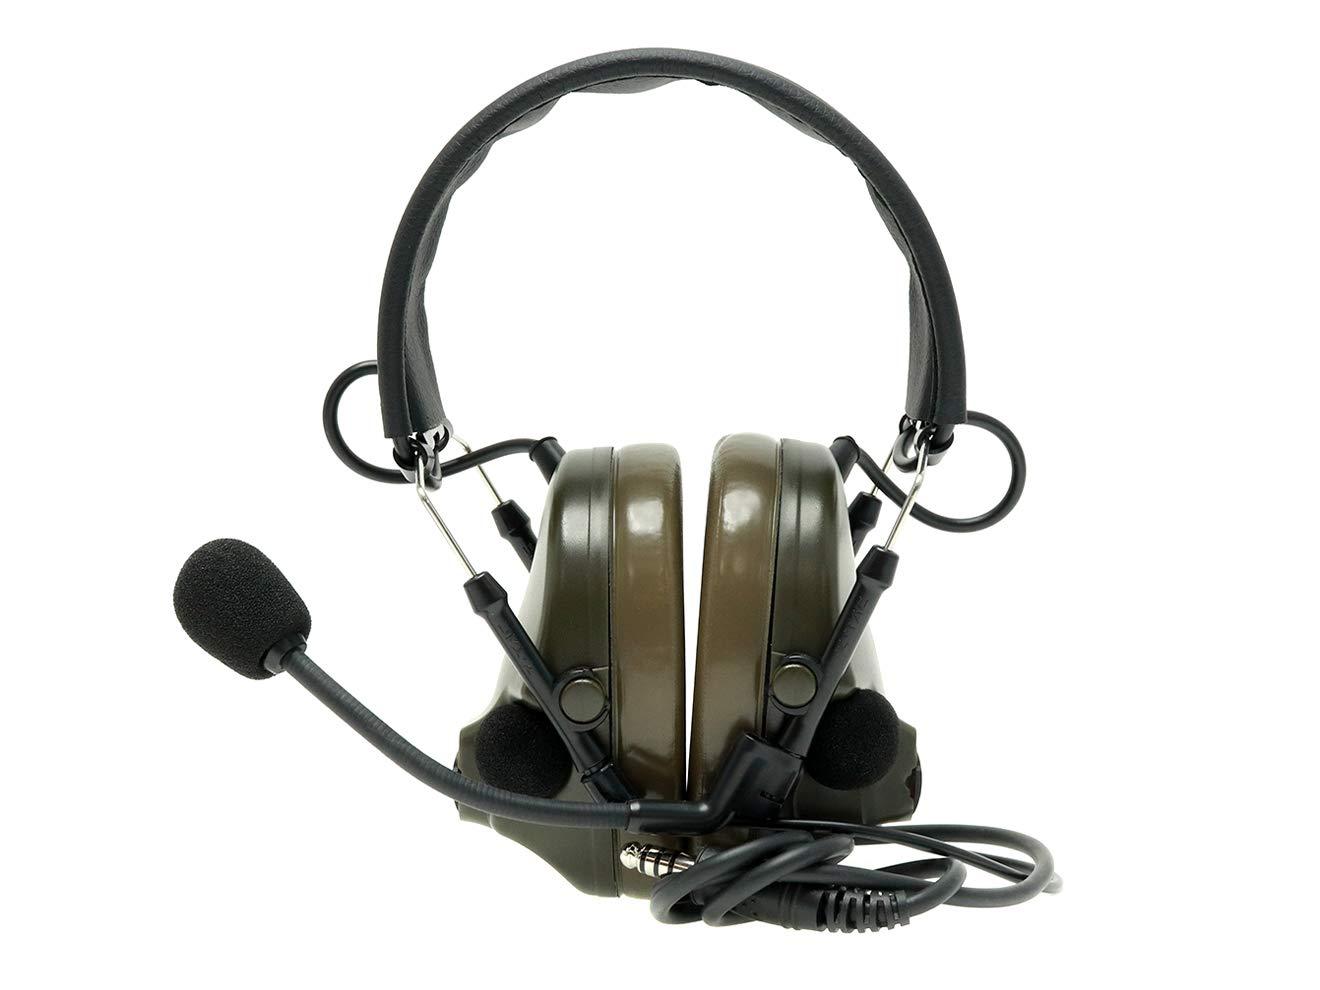 【正規代理店】Z-TACTICAL Comtac III タクティカルヘッドセット FG(実際は濃いODカラー) B07QJDYS78